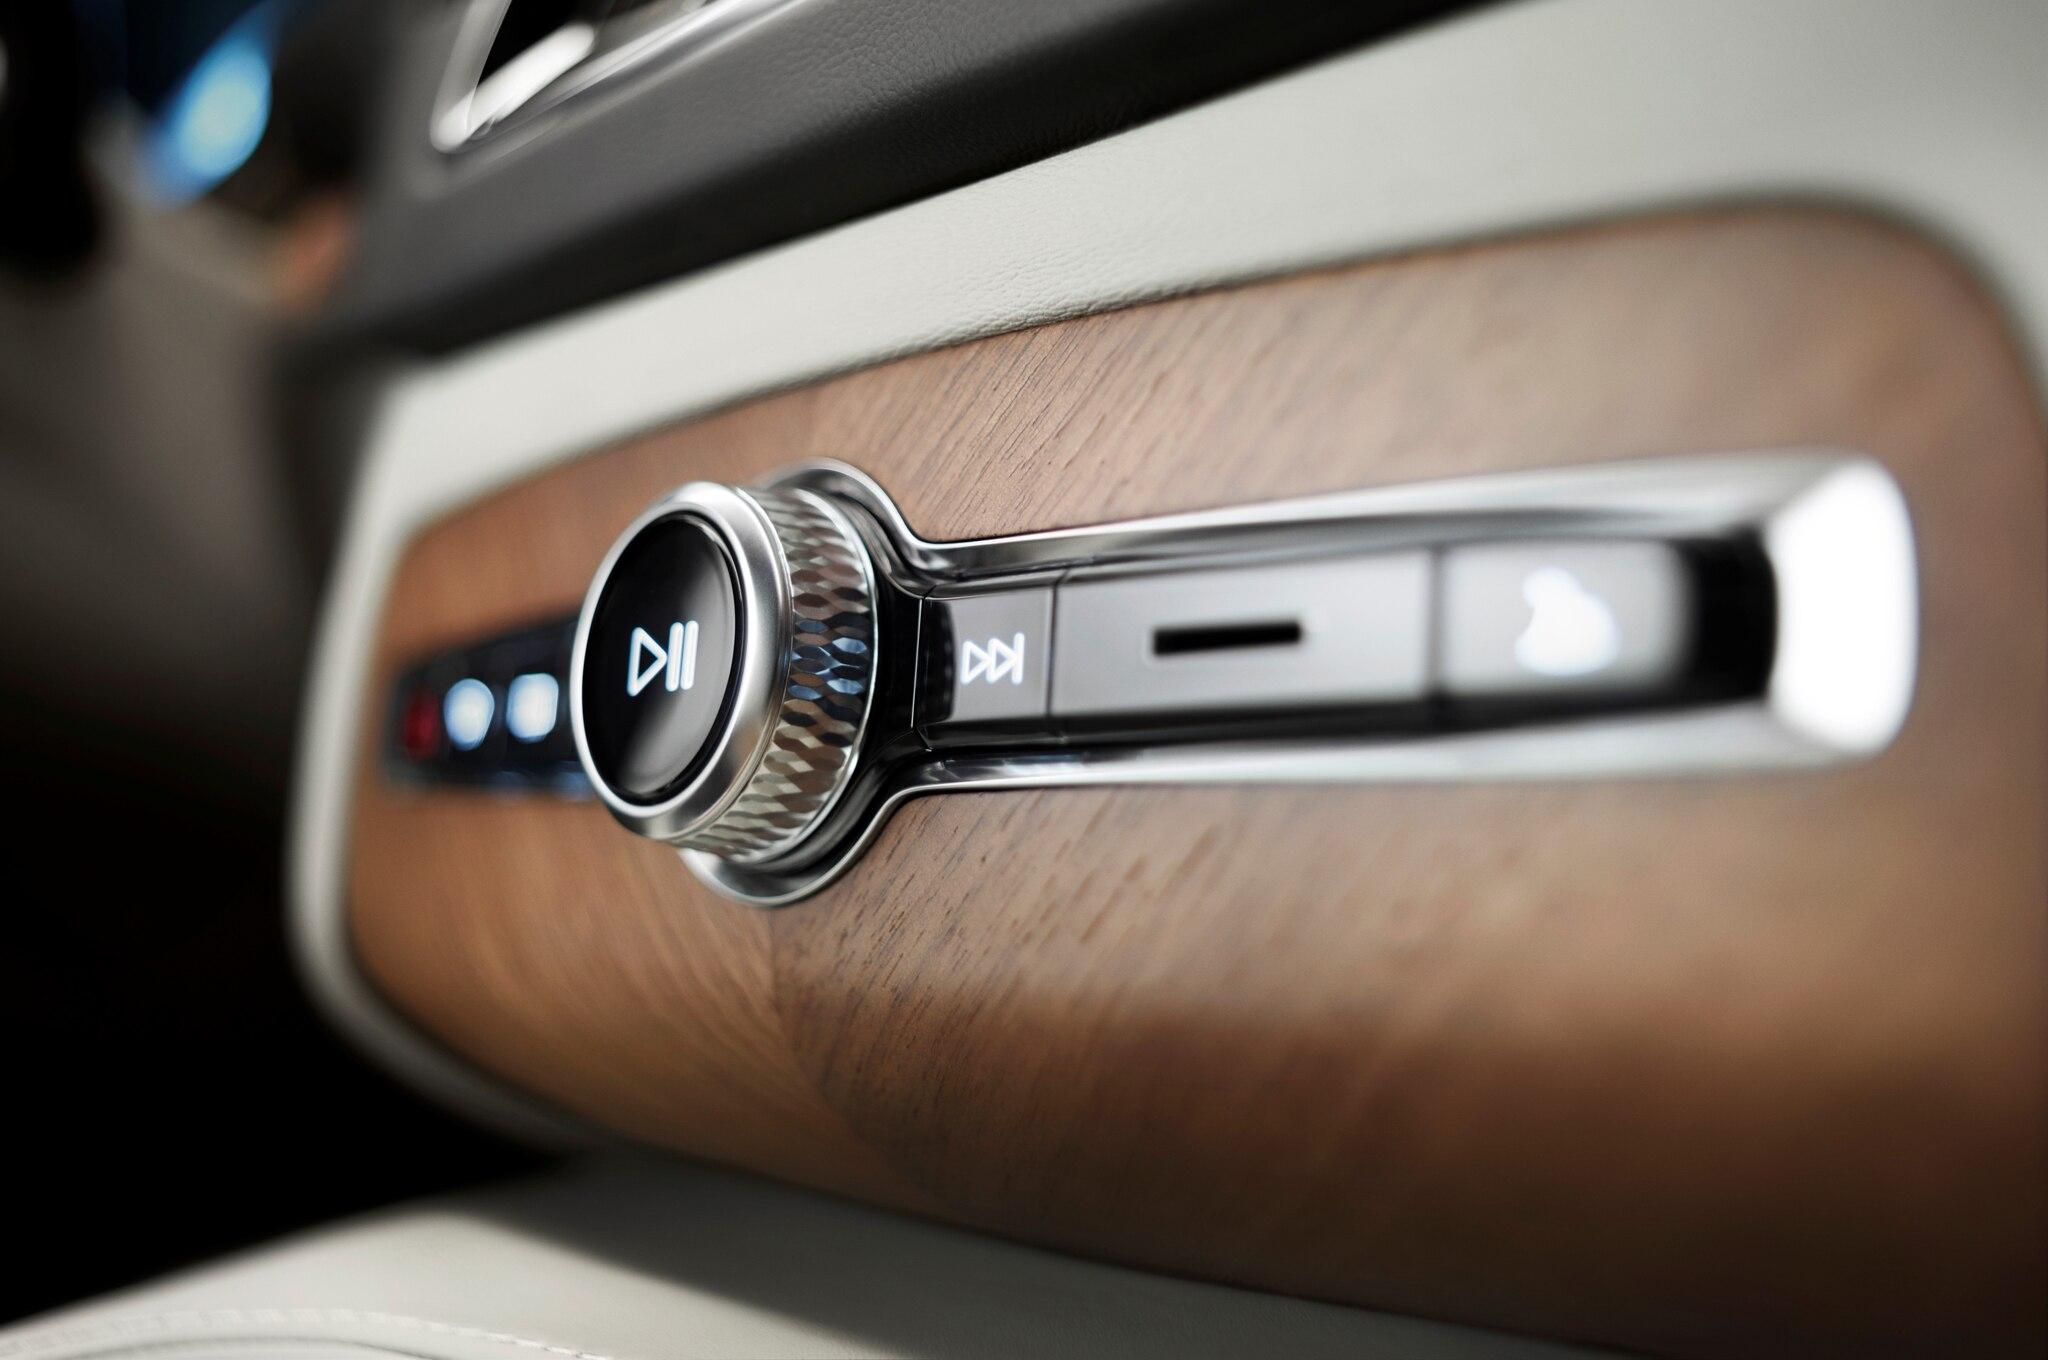 2015 Volvo Xc90 Interior Revealed Automobile Magazine